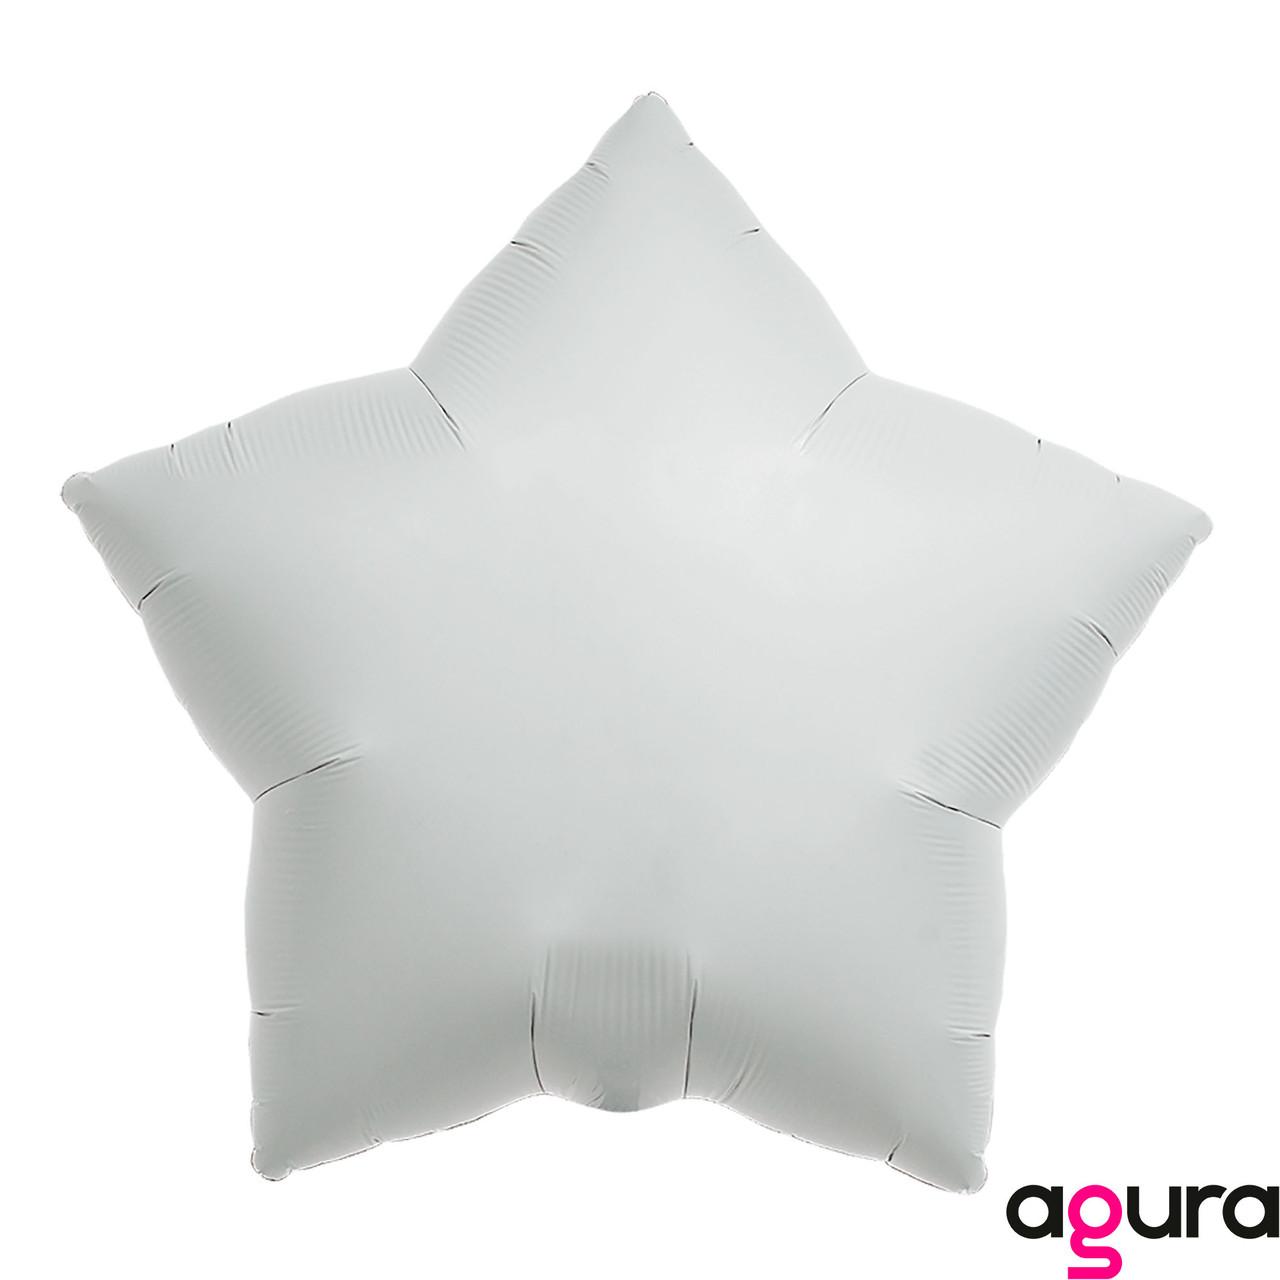 Фольгированный шар 19' Agura (Агура) Звезда Белый, 49 см